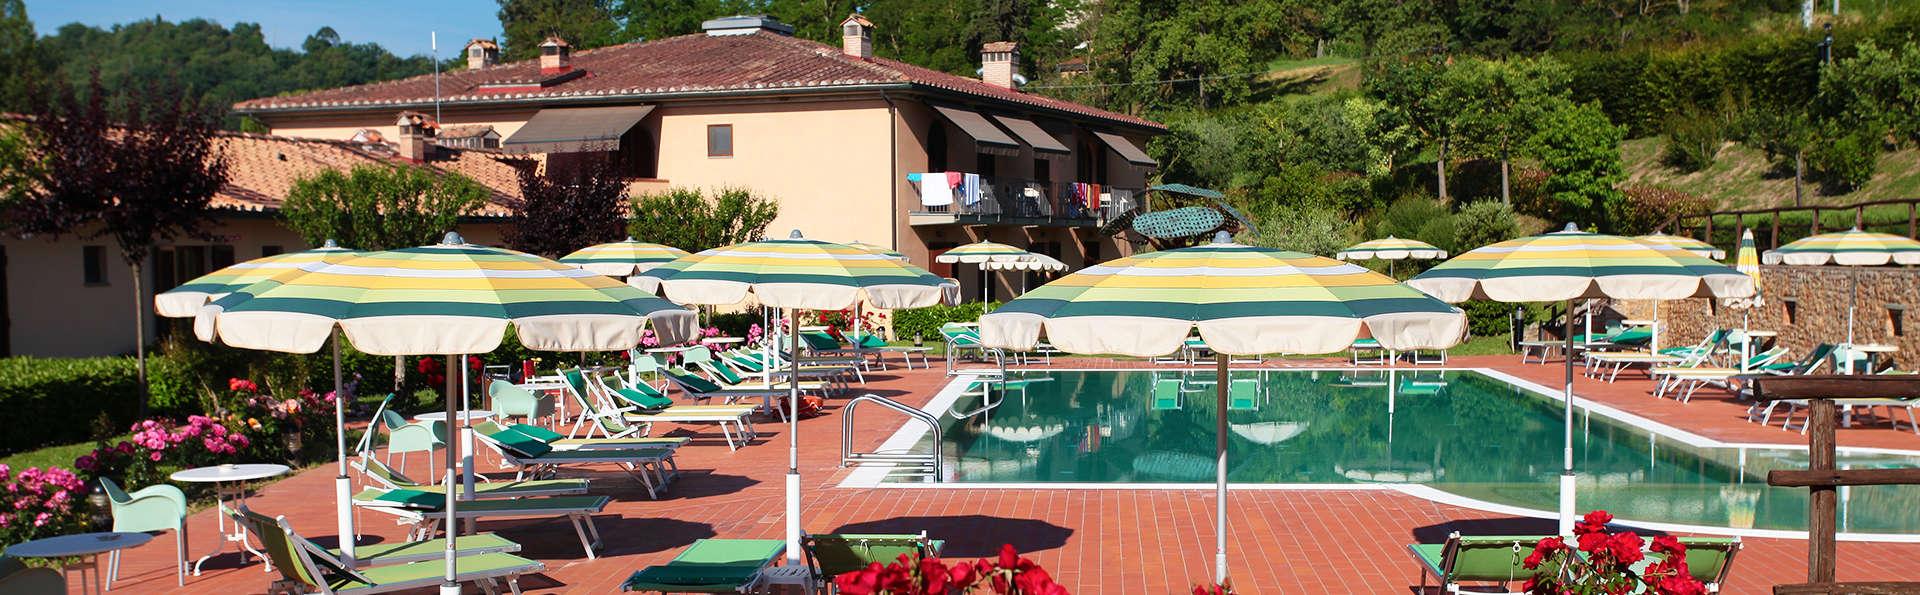 San Gimignano: Escapade au cœur de la campagne toscane